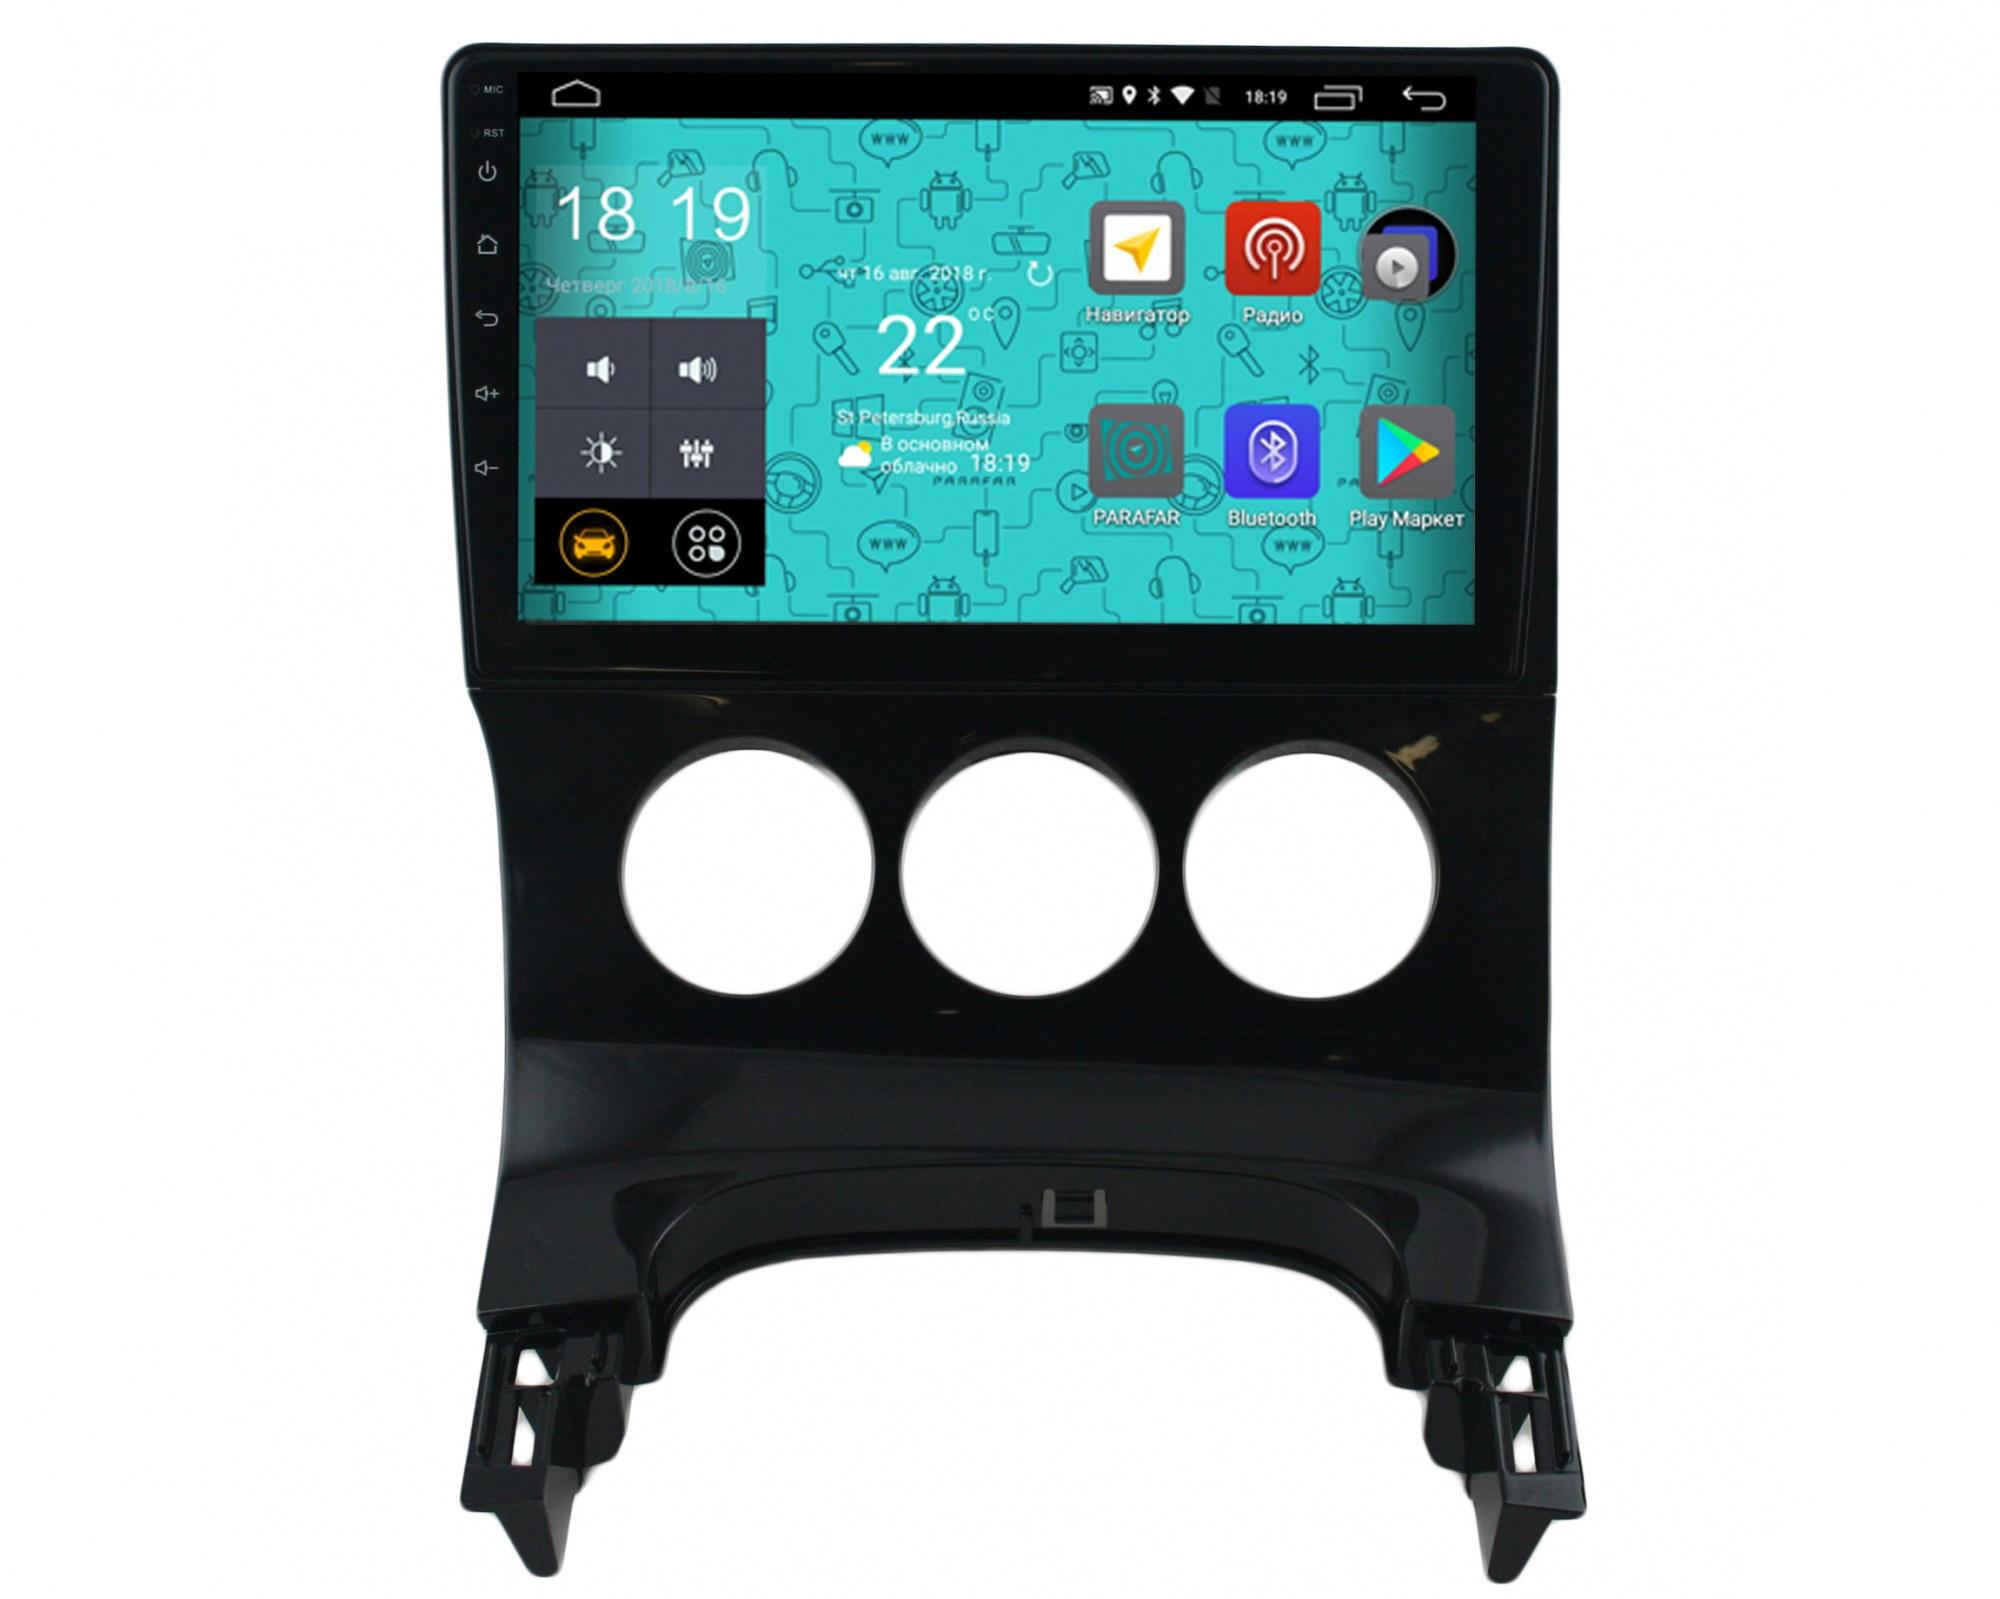 Штатная магнитола Parafar 4G/LTE с IPS матрицей для Peugeot 3008 2010-2017 на Android 7.1.1 (PF082) (+ Камера заднего вида в подарок!)